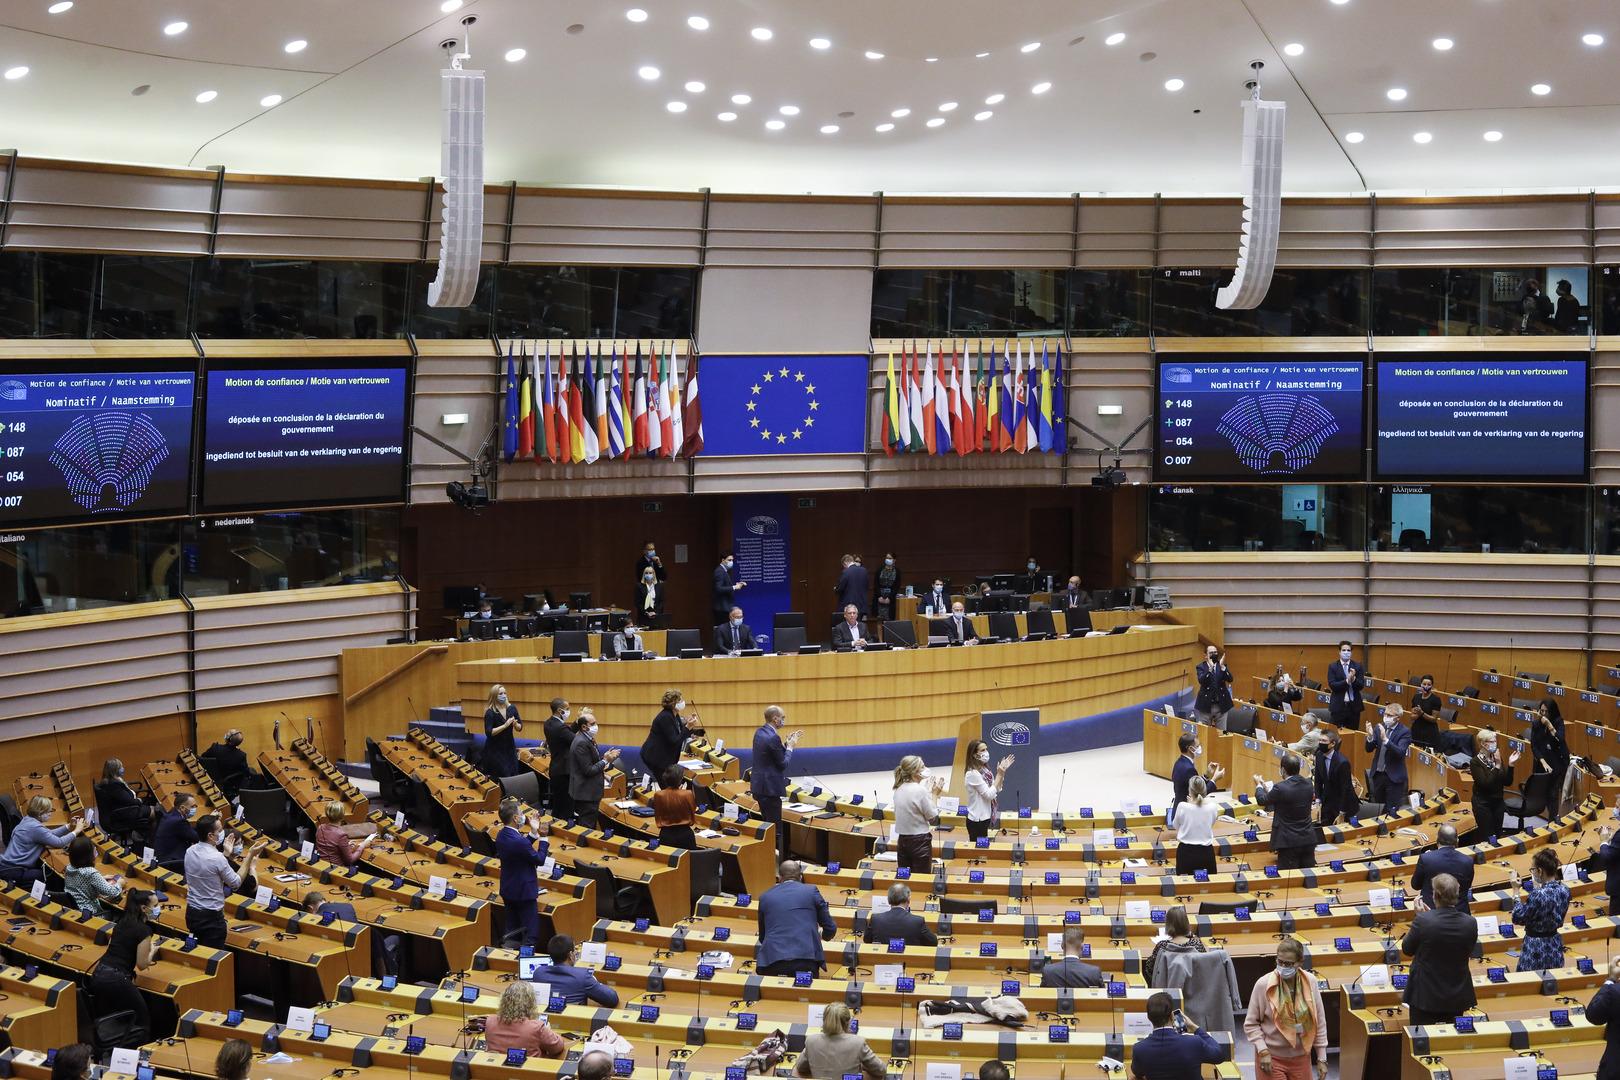 البرلمان الأوروبي يقر التوصيات بإعادة النظر في العلاقات مع بيلاروس